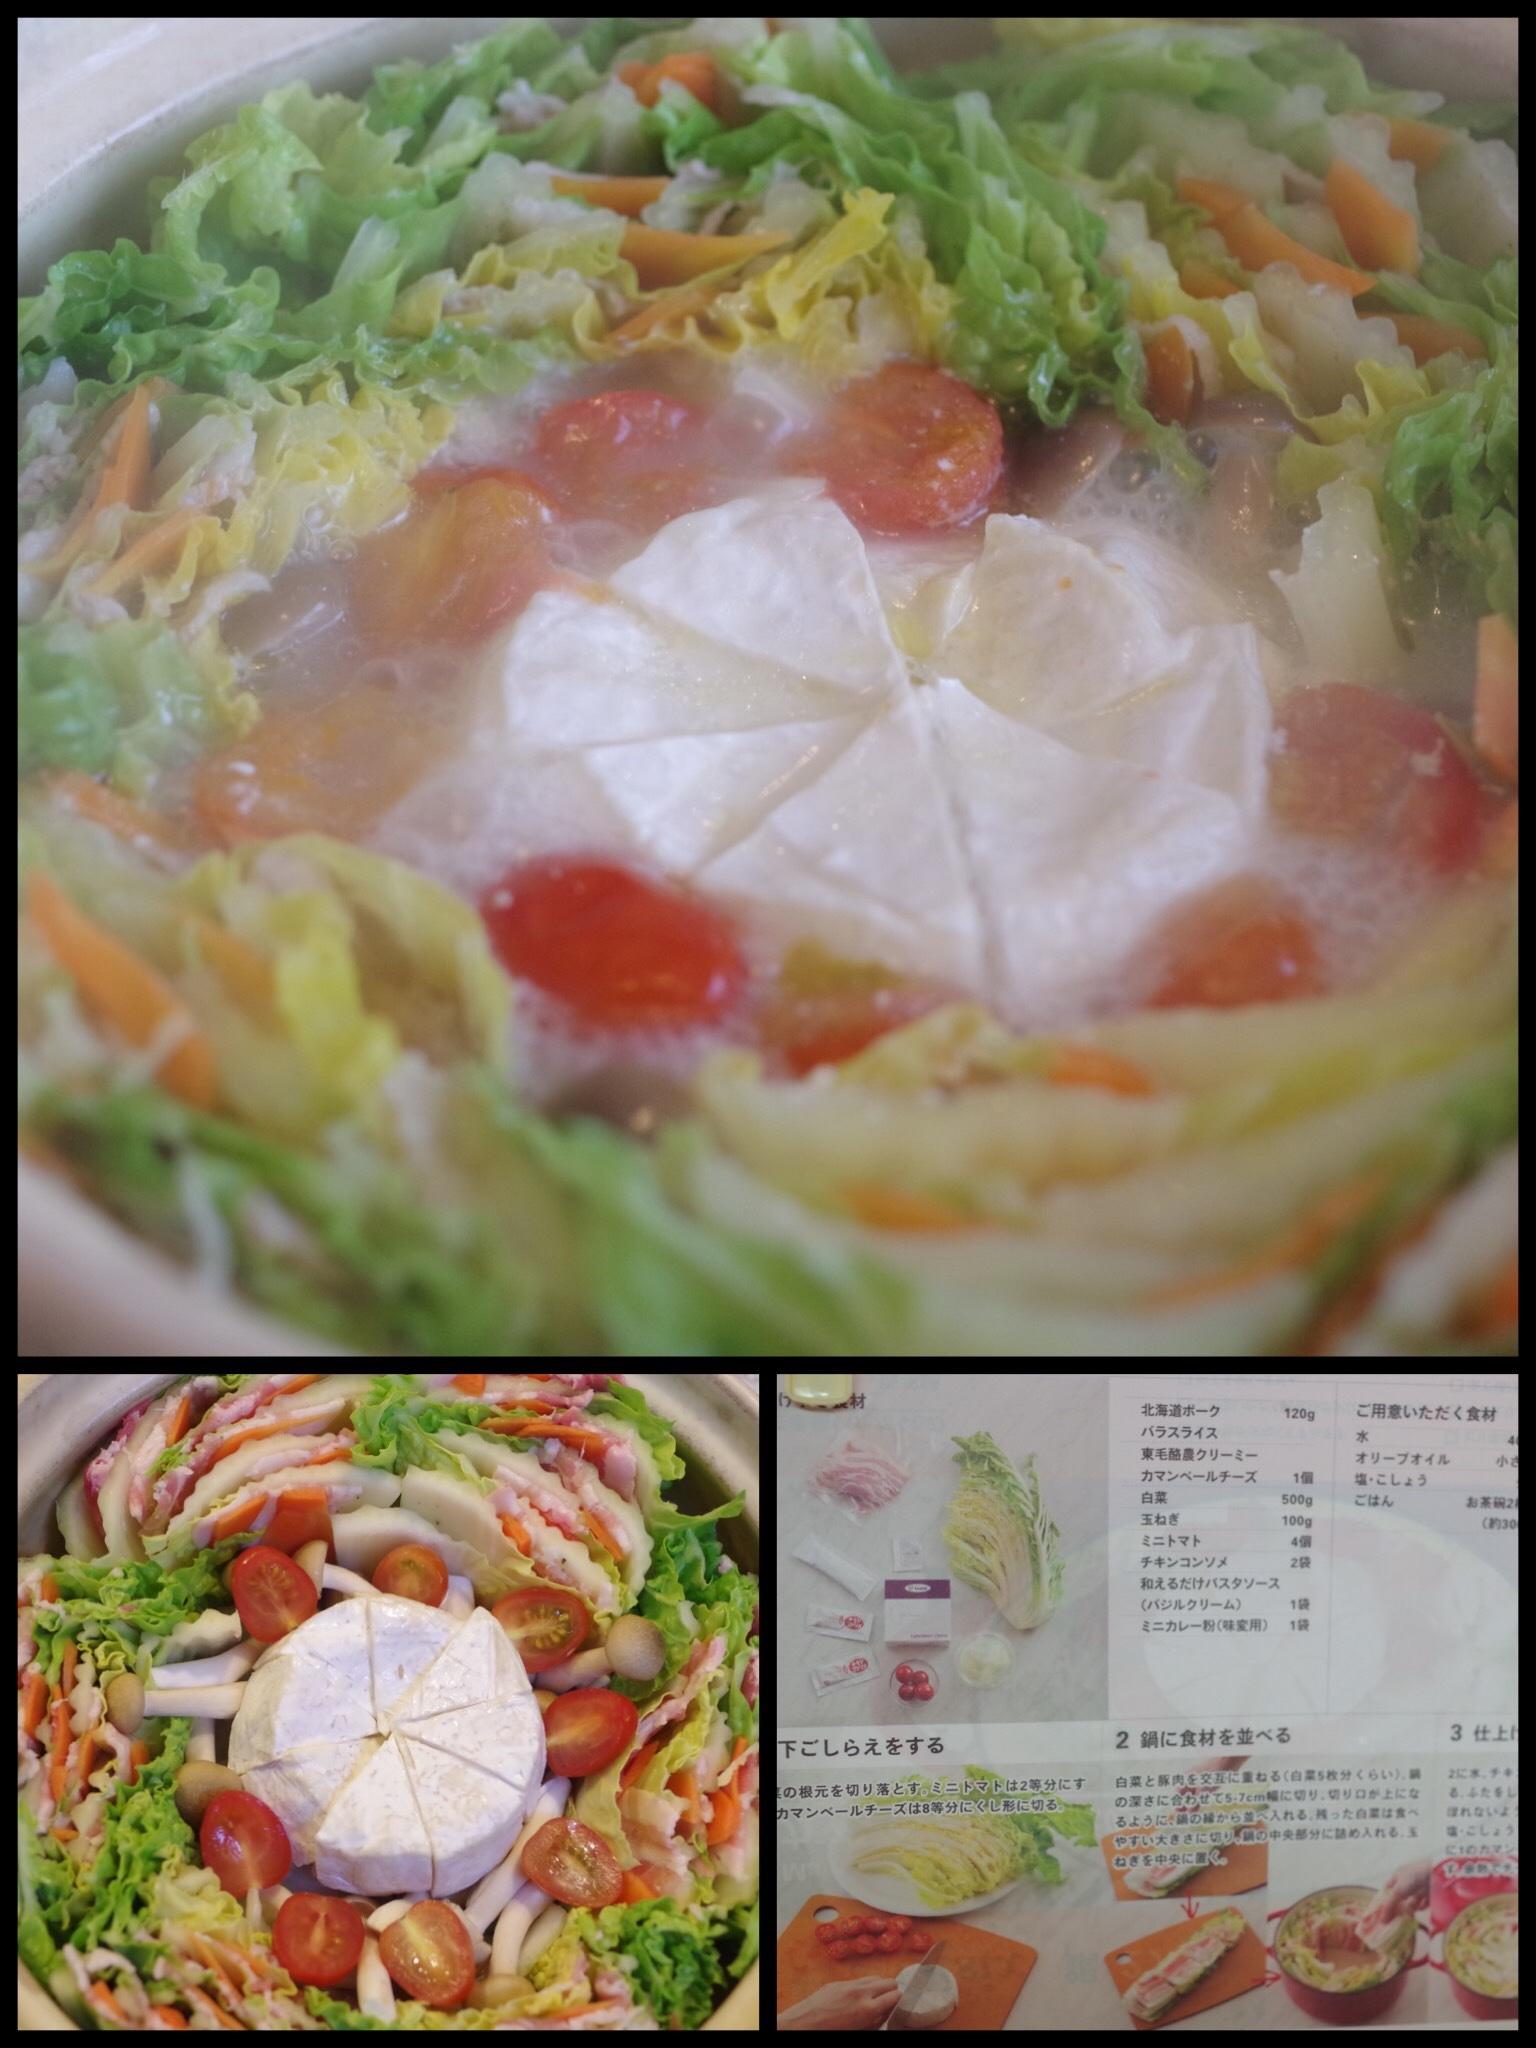 オイシックス 鍋 食材キット カマンベールのせ豚のミルフィーユ鍋